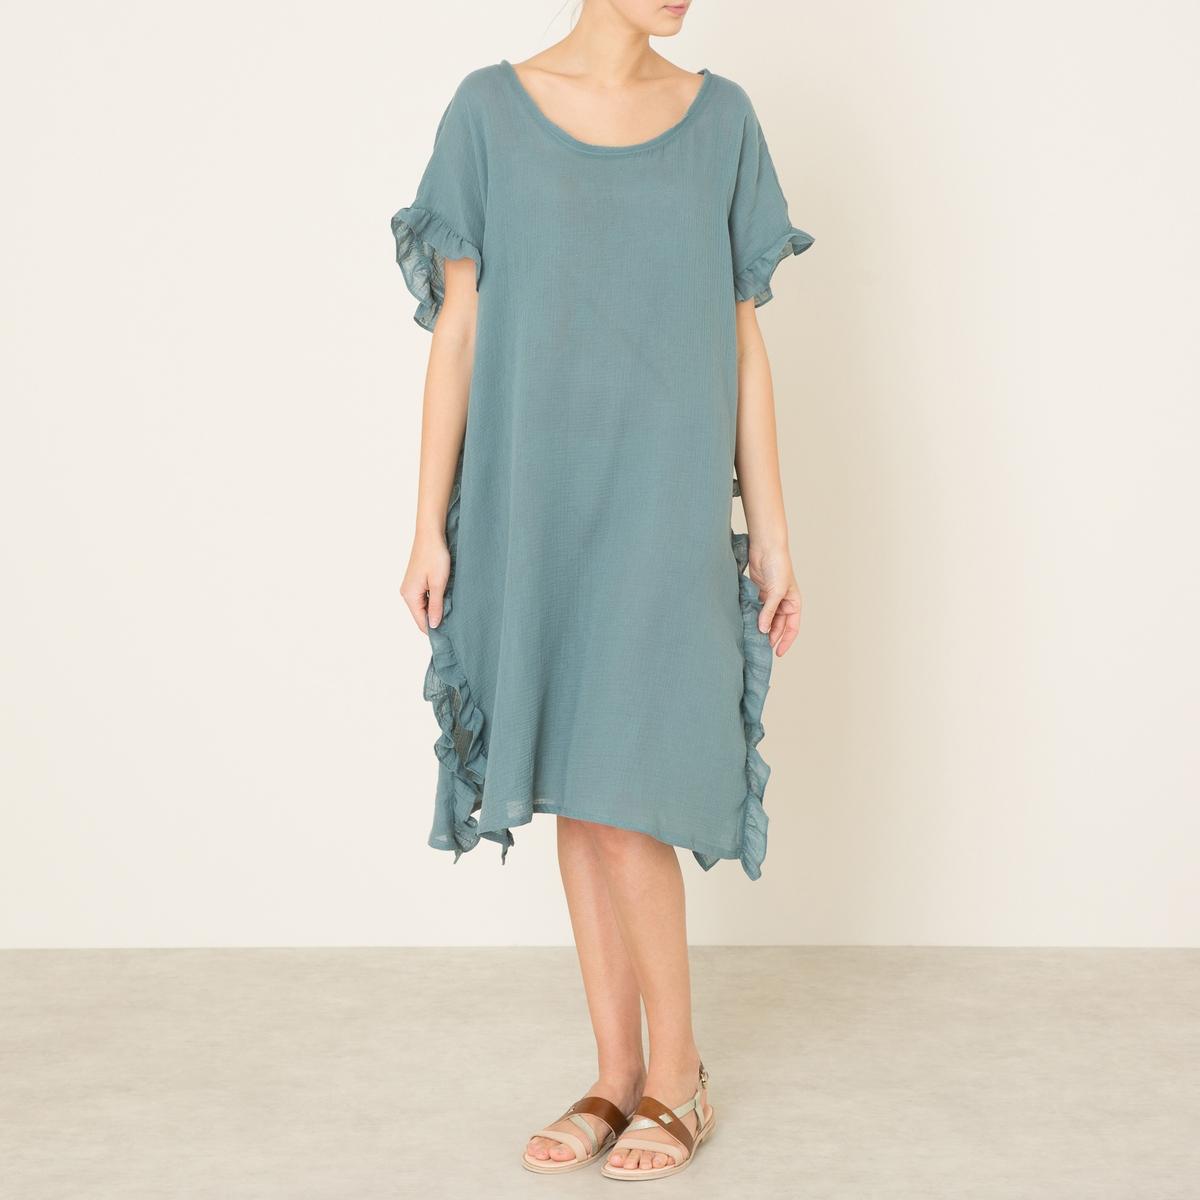 Платье  MADRAGUEСостав и описание    Материал : 100% хлопок   Длина : ок. 97 см. для размера 36   Марка : TOUPY<br><br>Цвет: сине-серый<br>Размер: S/M